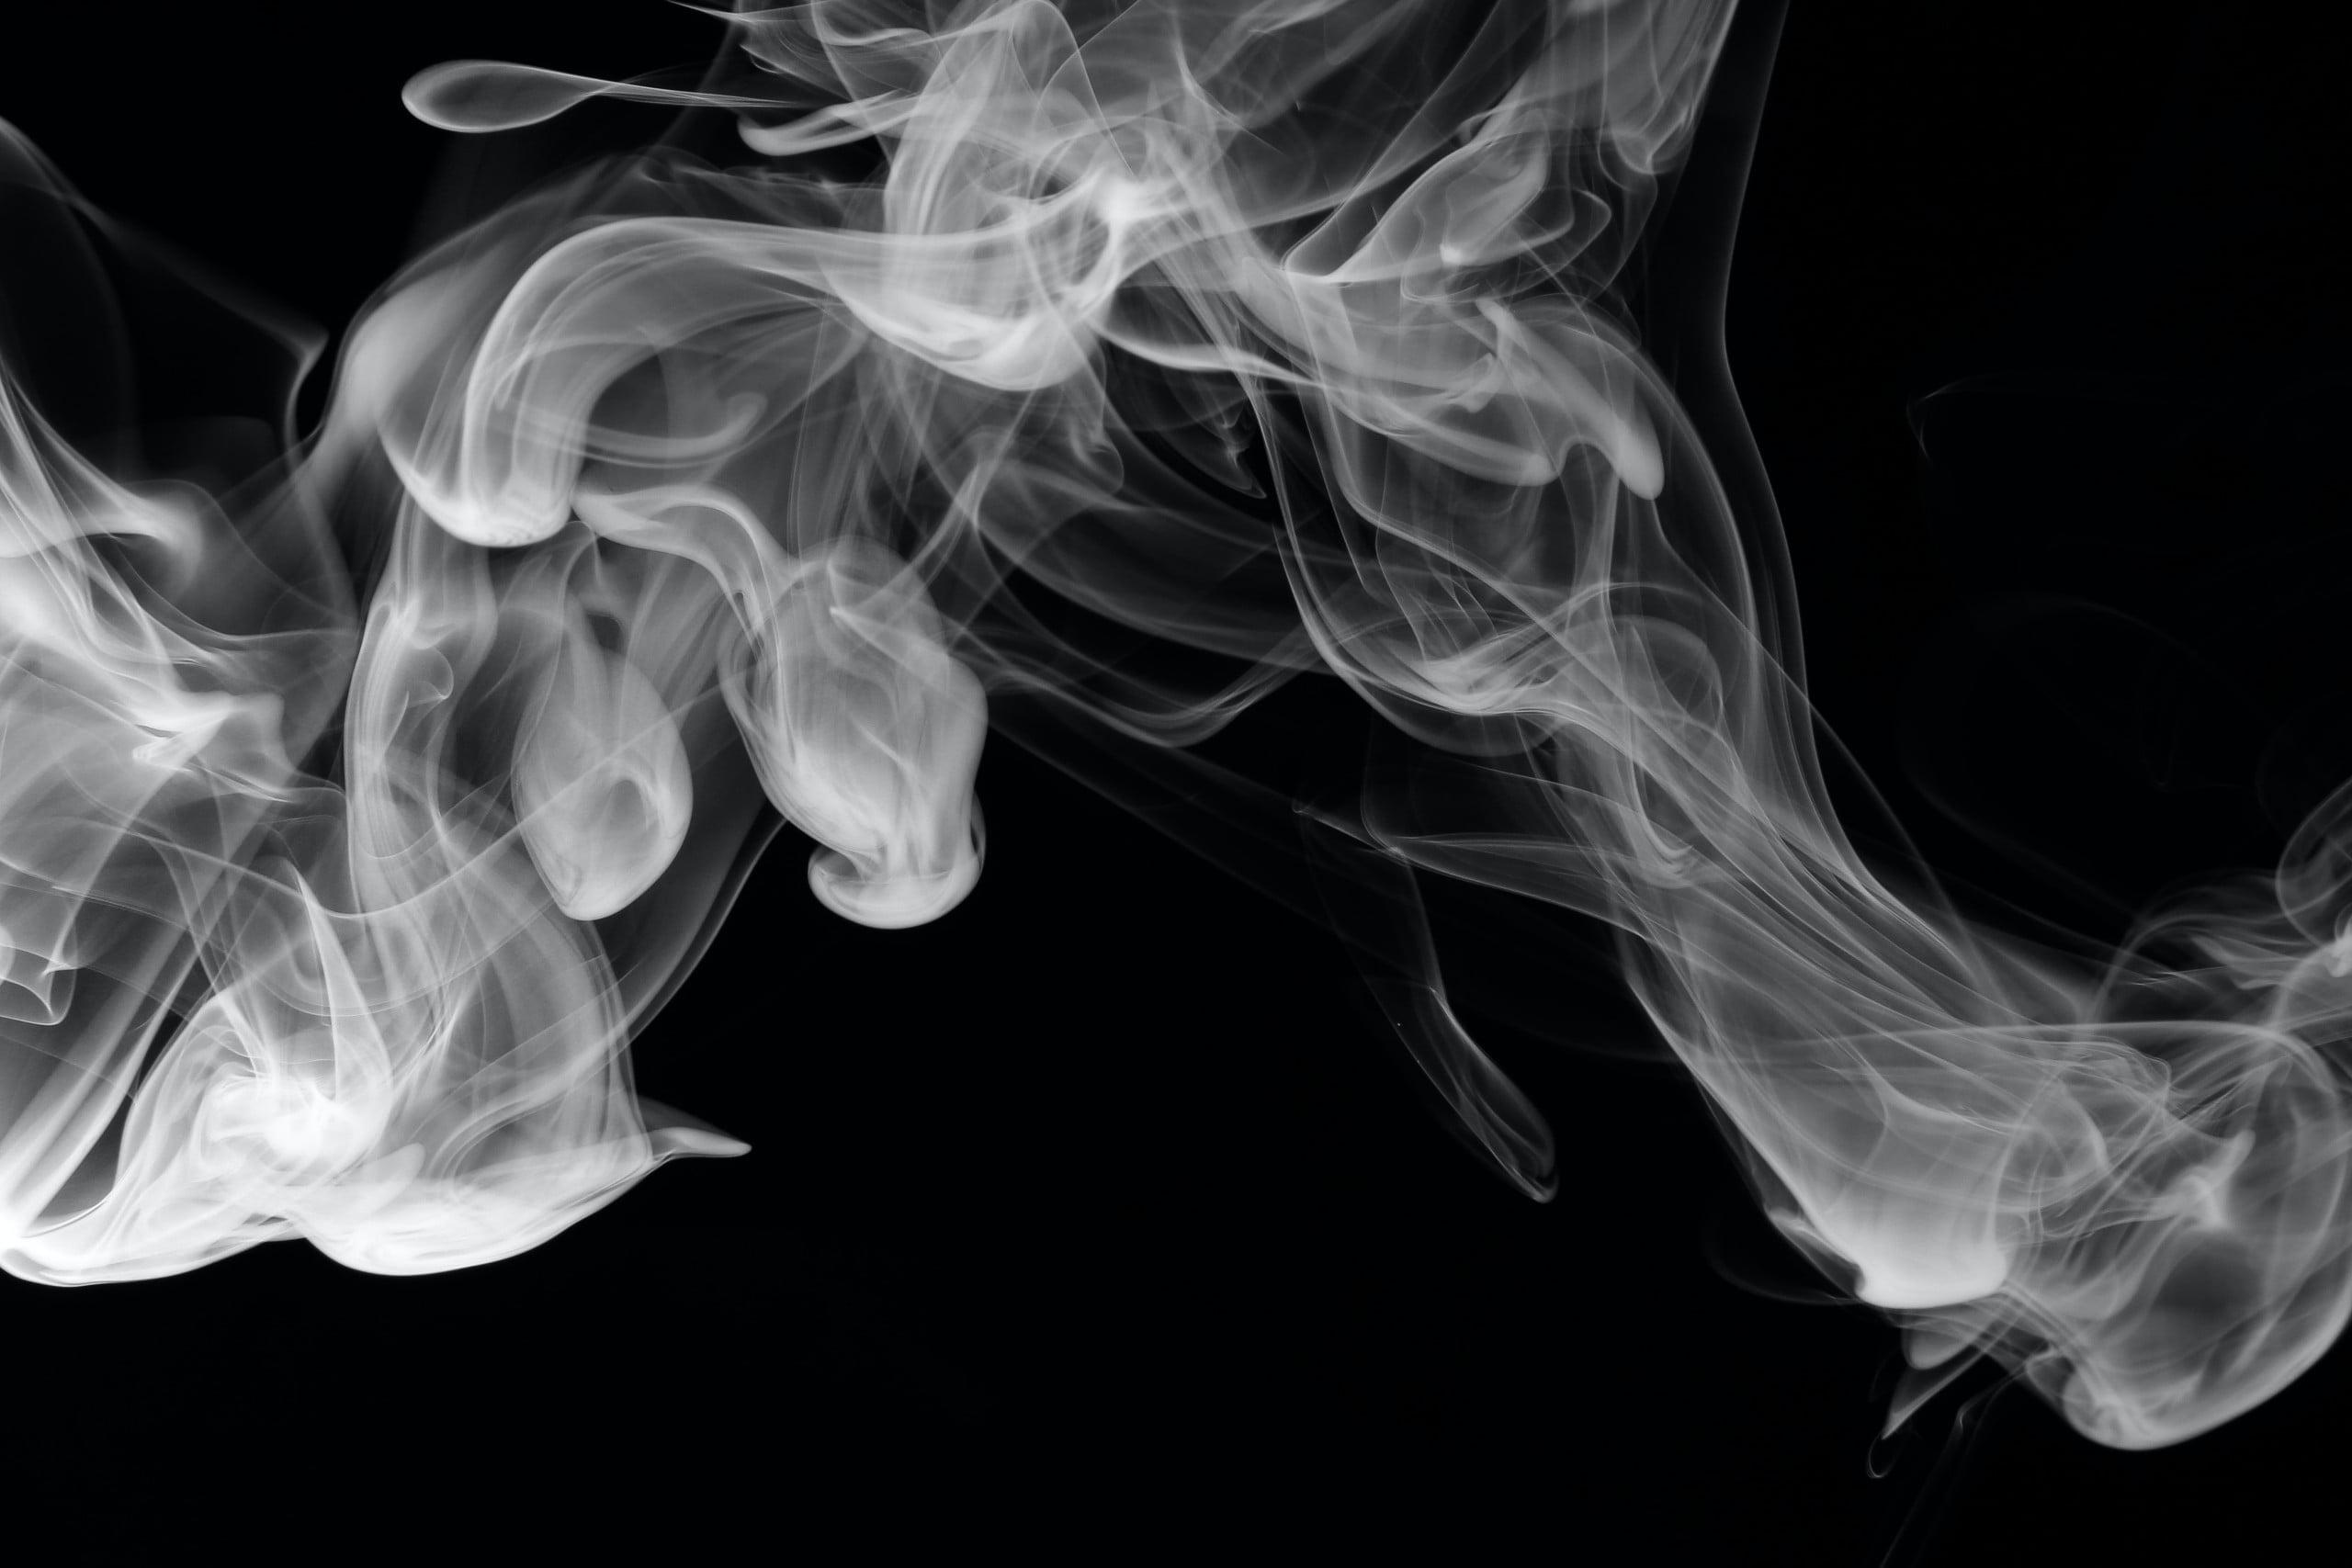 some smoke